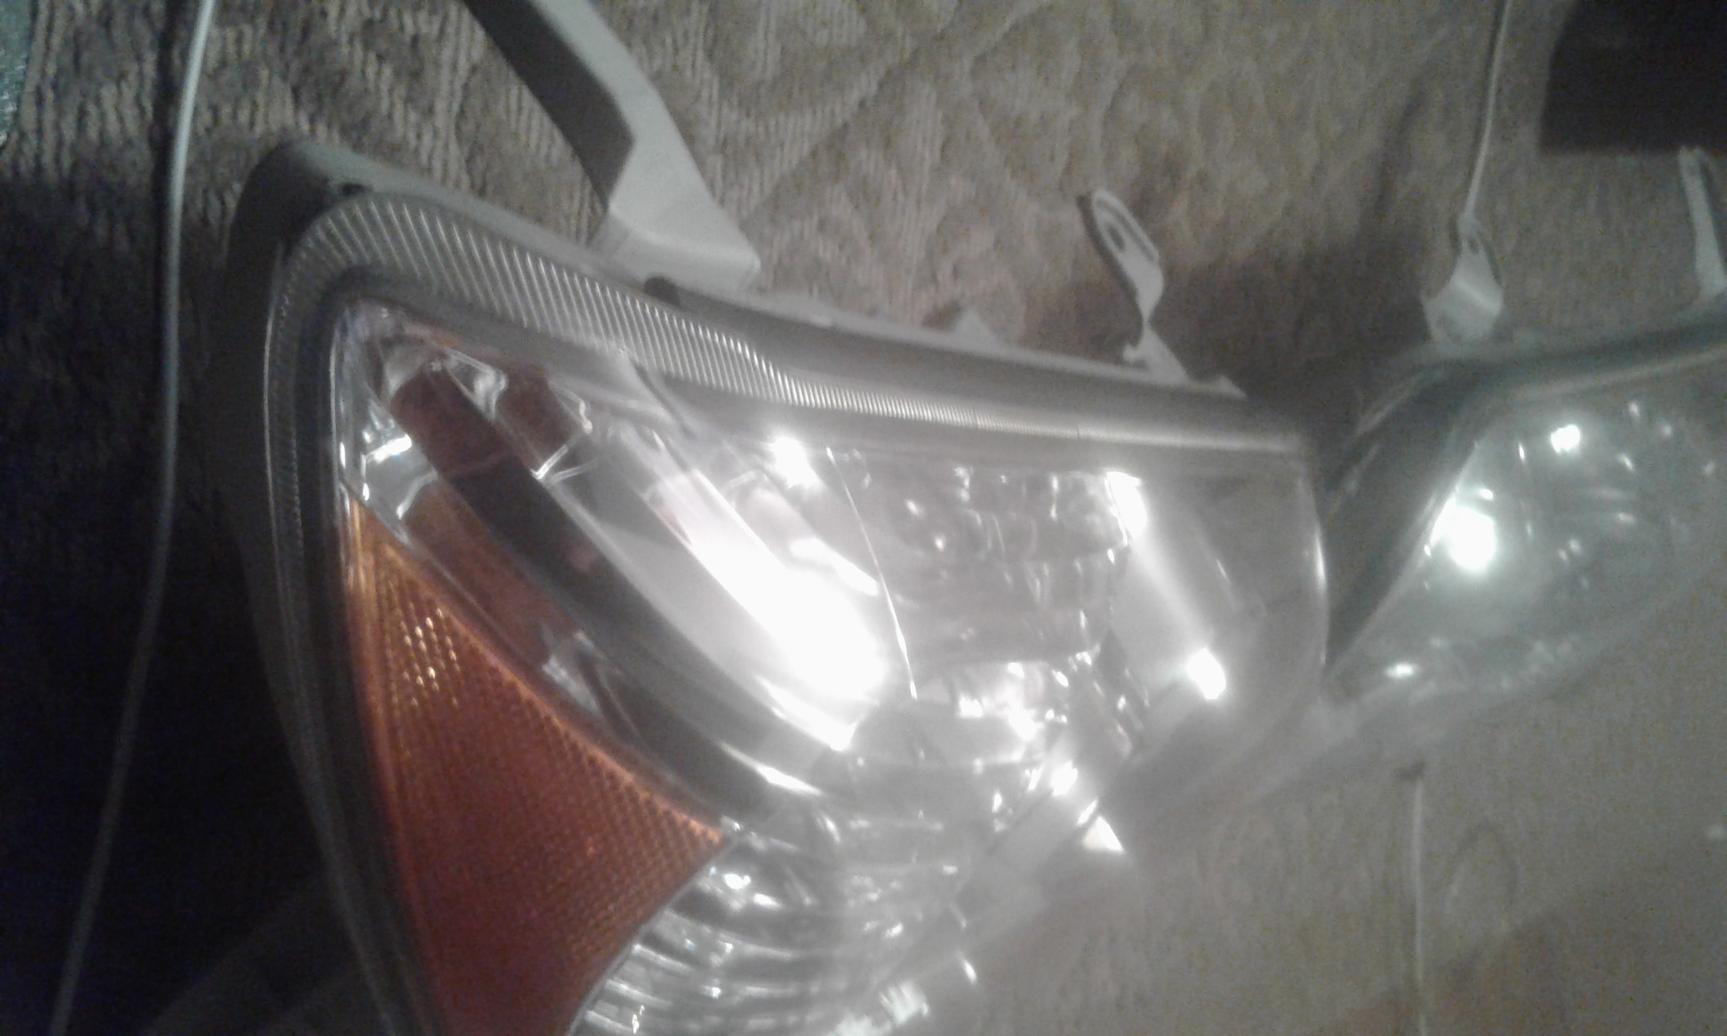 FS 4th gen projector headlights 2006+, 0 OBO, DC-1534217452168-1325118081-jpg